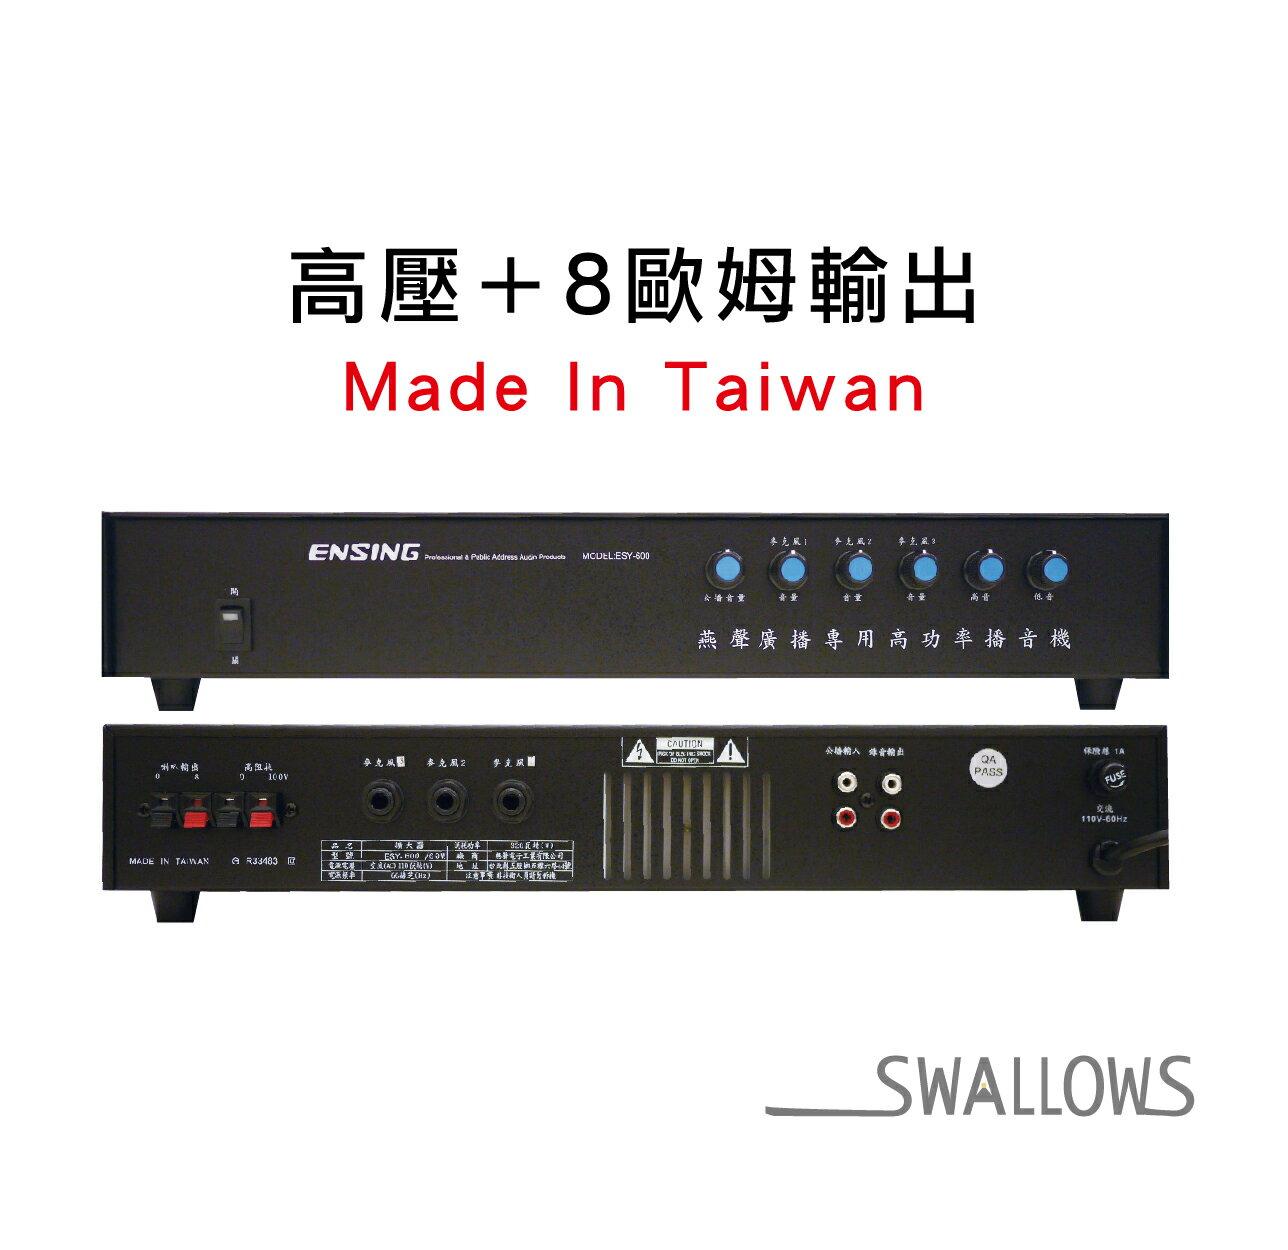 燕聲 ENSING ESY-600 高壓+8歐姆輸出 廣播擴大器 卡拉OK 台灣製造